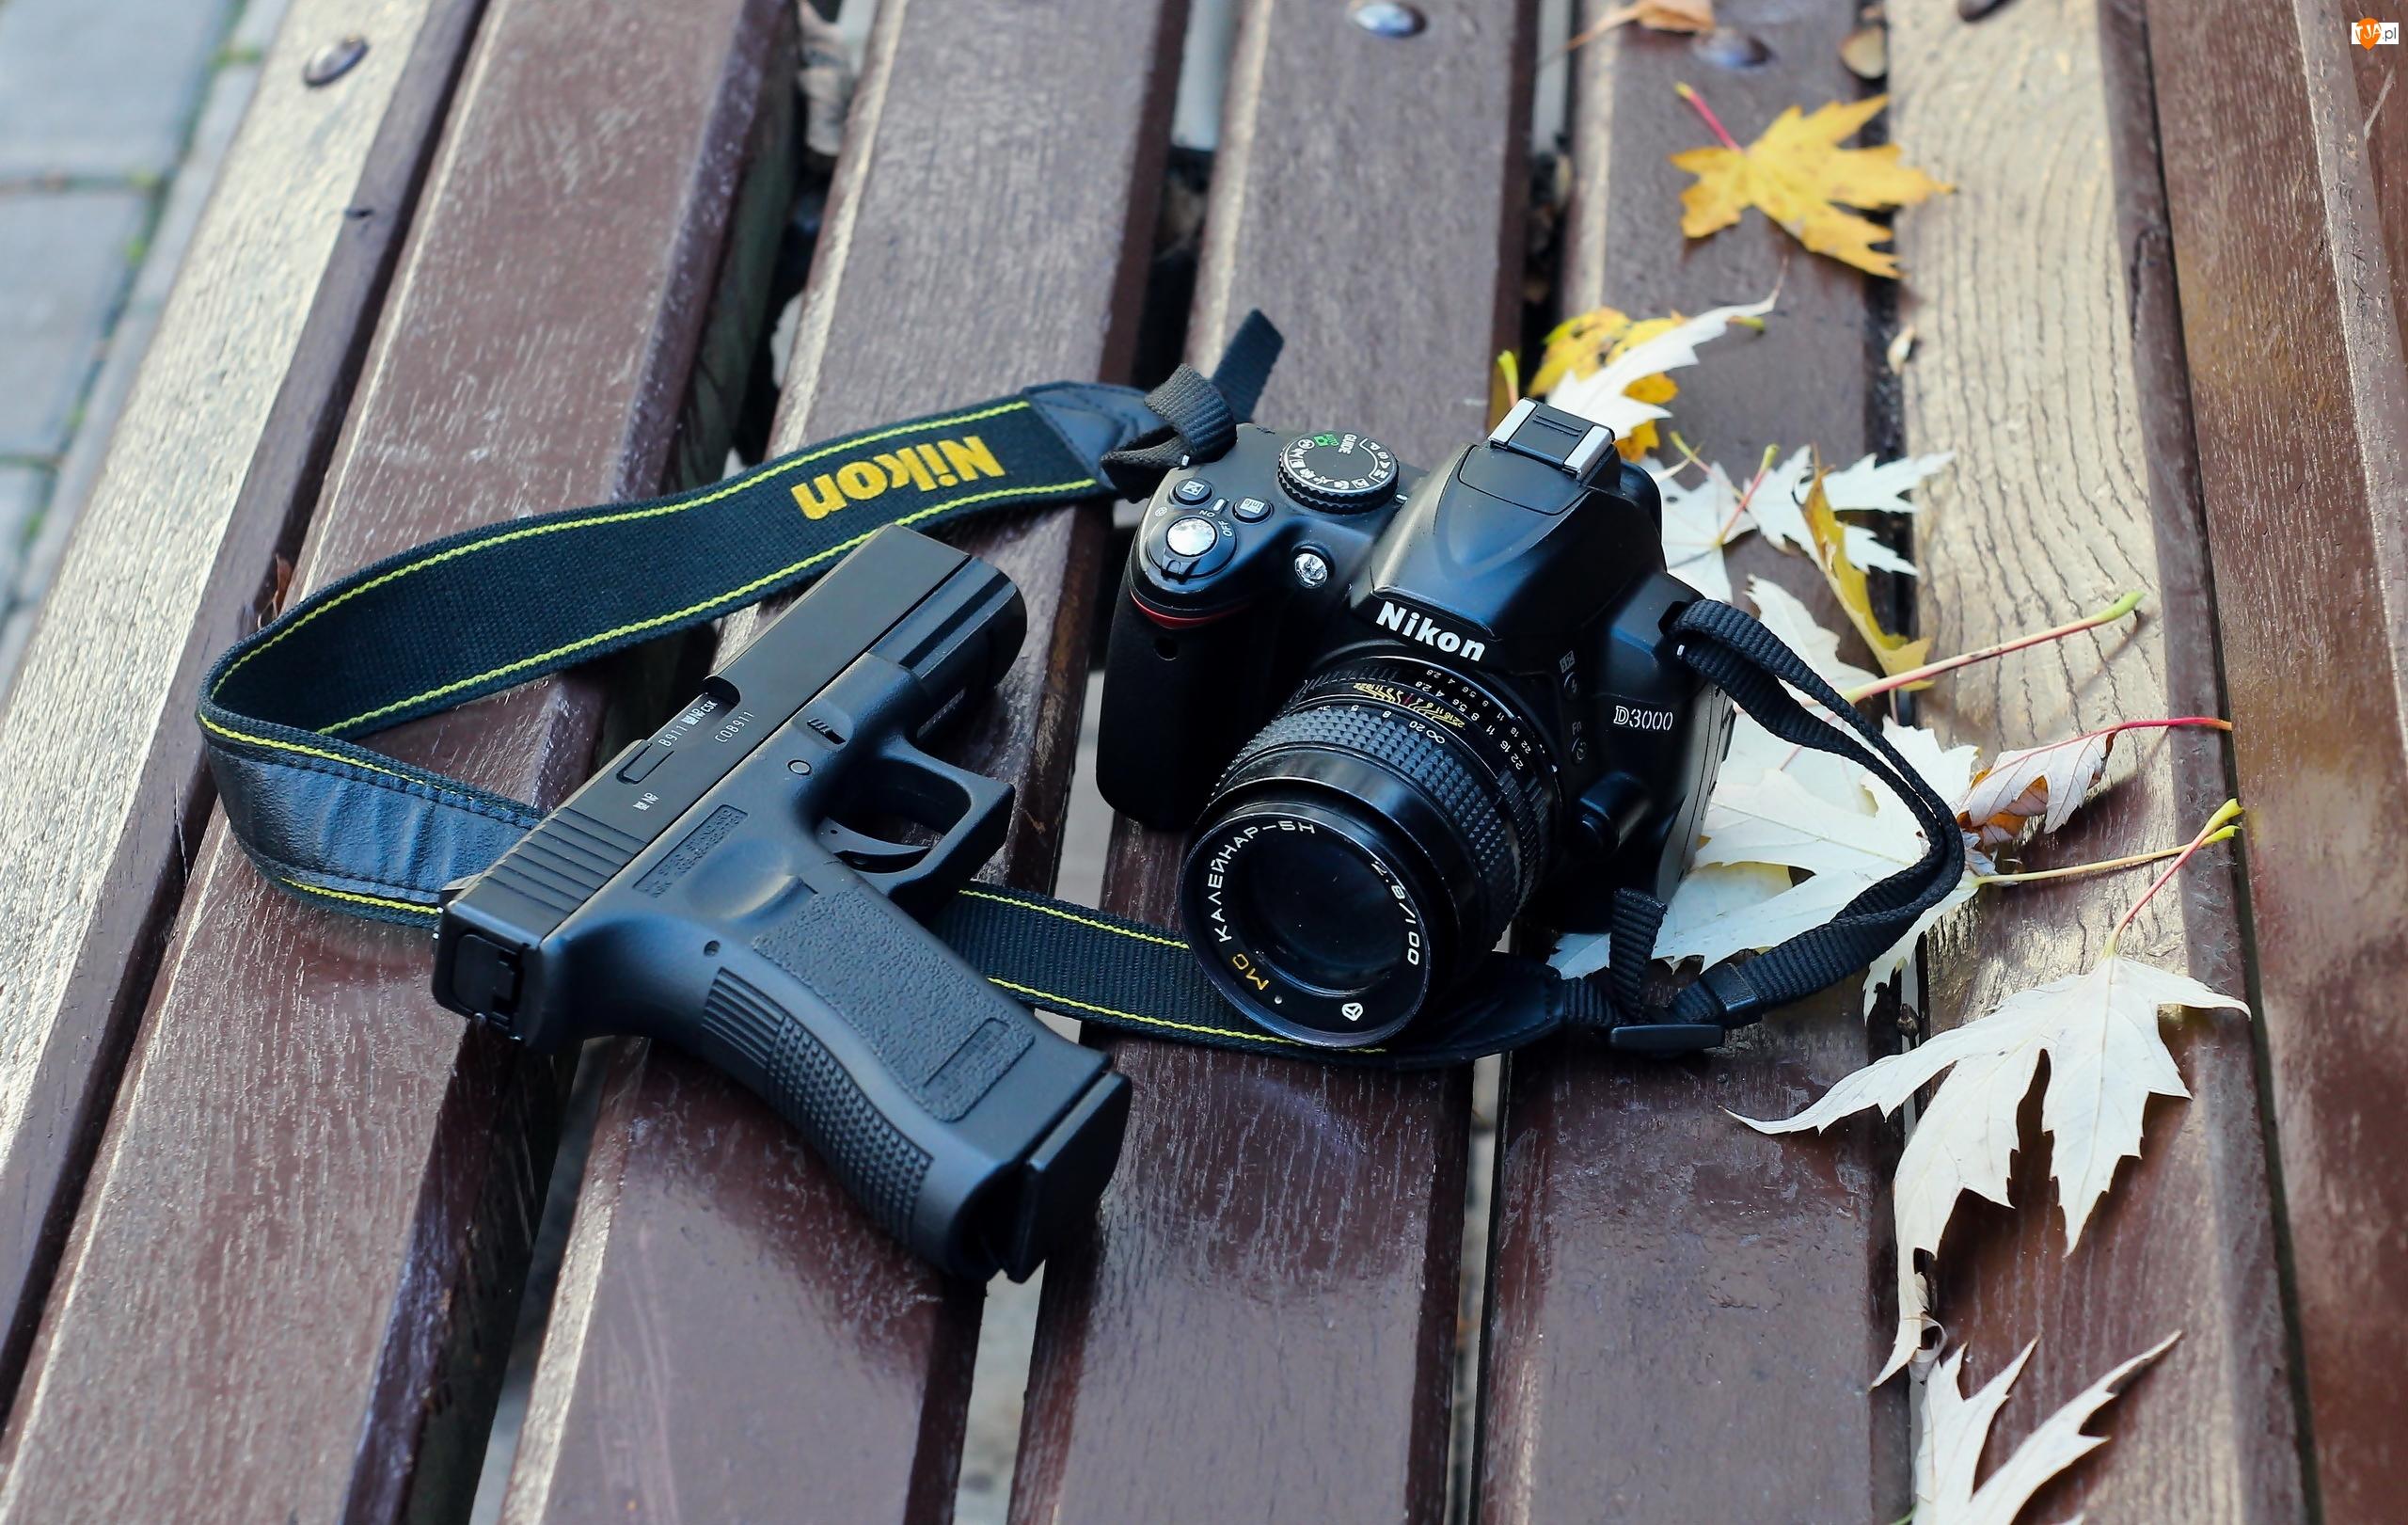 Pistolet, Ławka, Aparat, Park, Fotograficzny, Liście